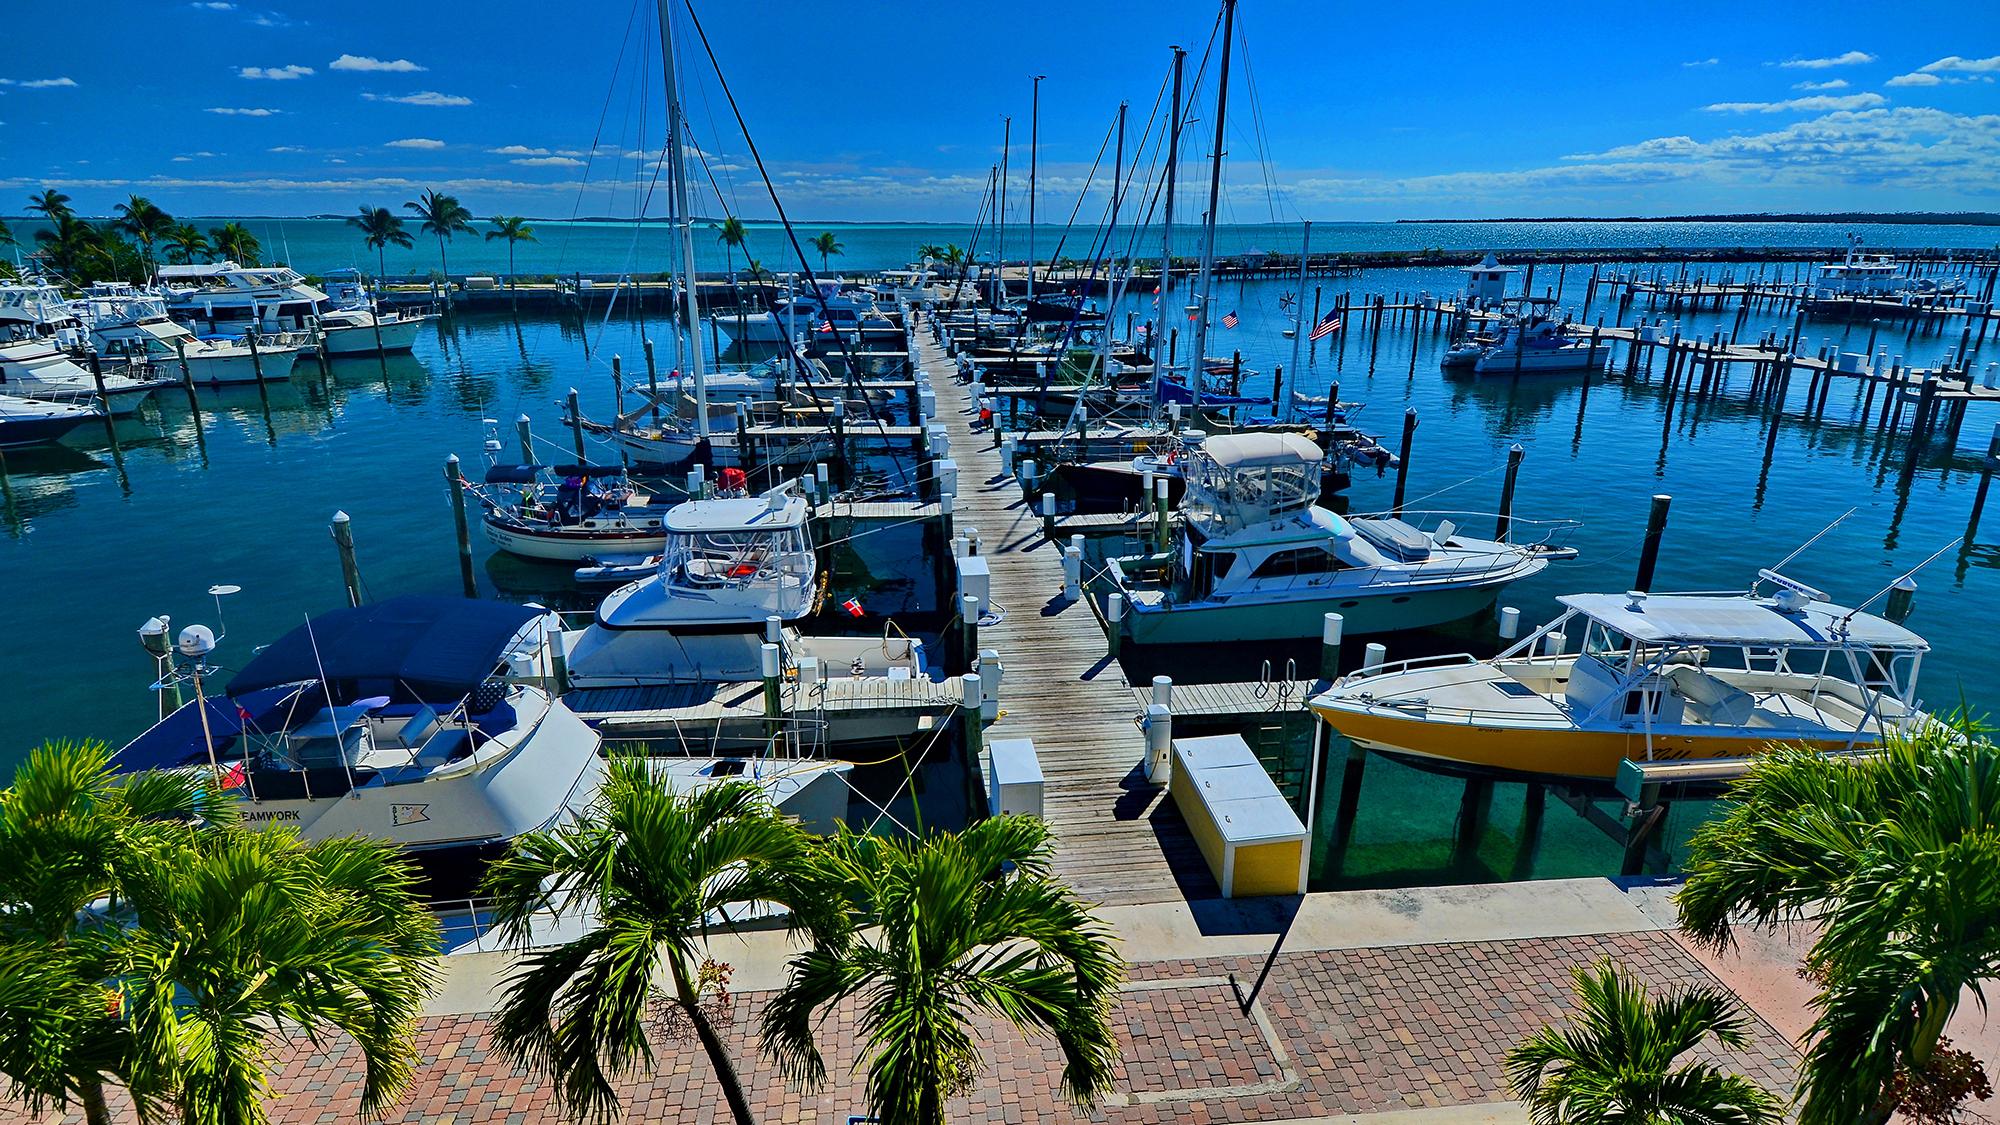 Bahamas Abaco Beach Resort an easy choice